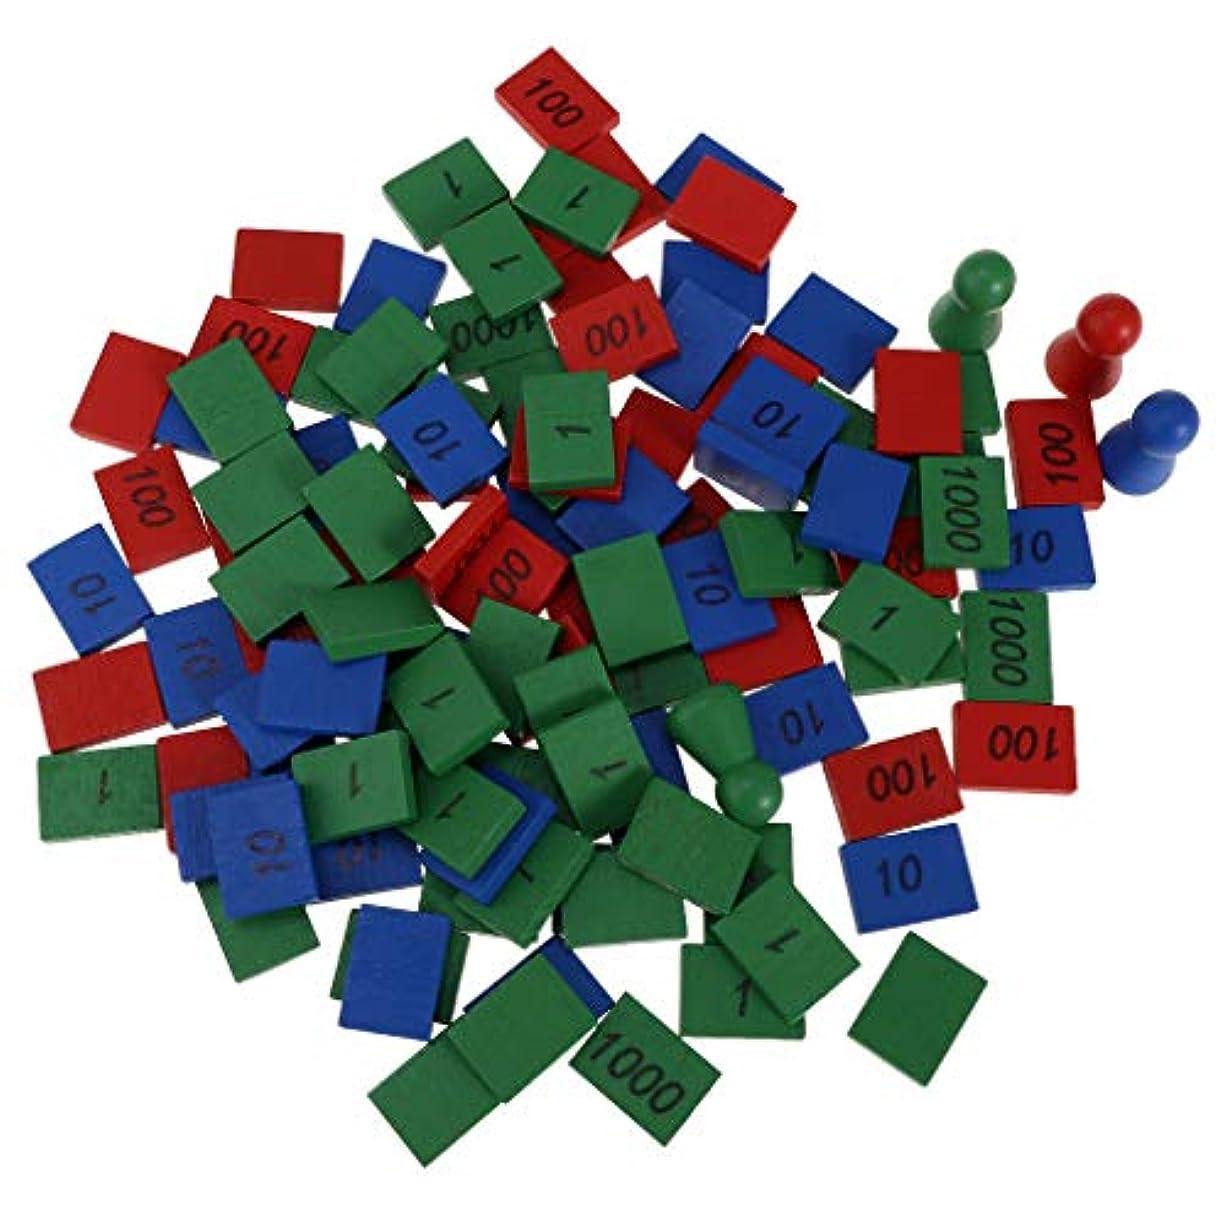 上に築きます四半期叙情的なおもちゃ カラフルな 数学 子供たち 教育用 木製ラウンドヘッドコーン